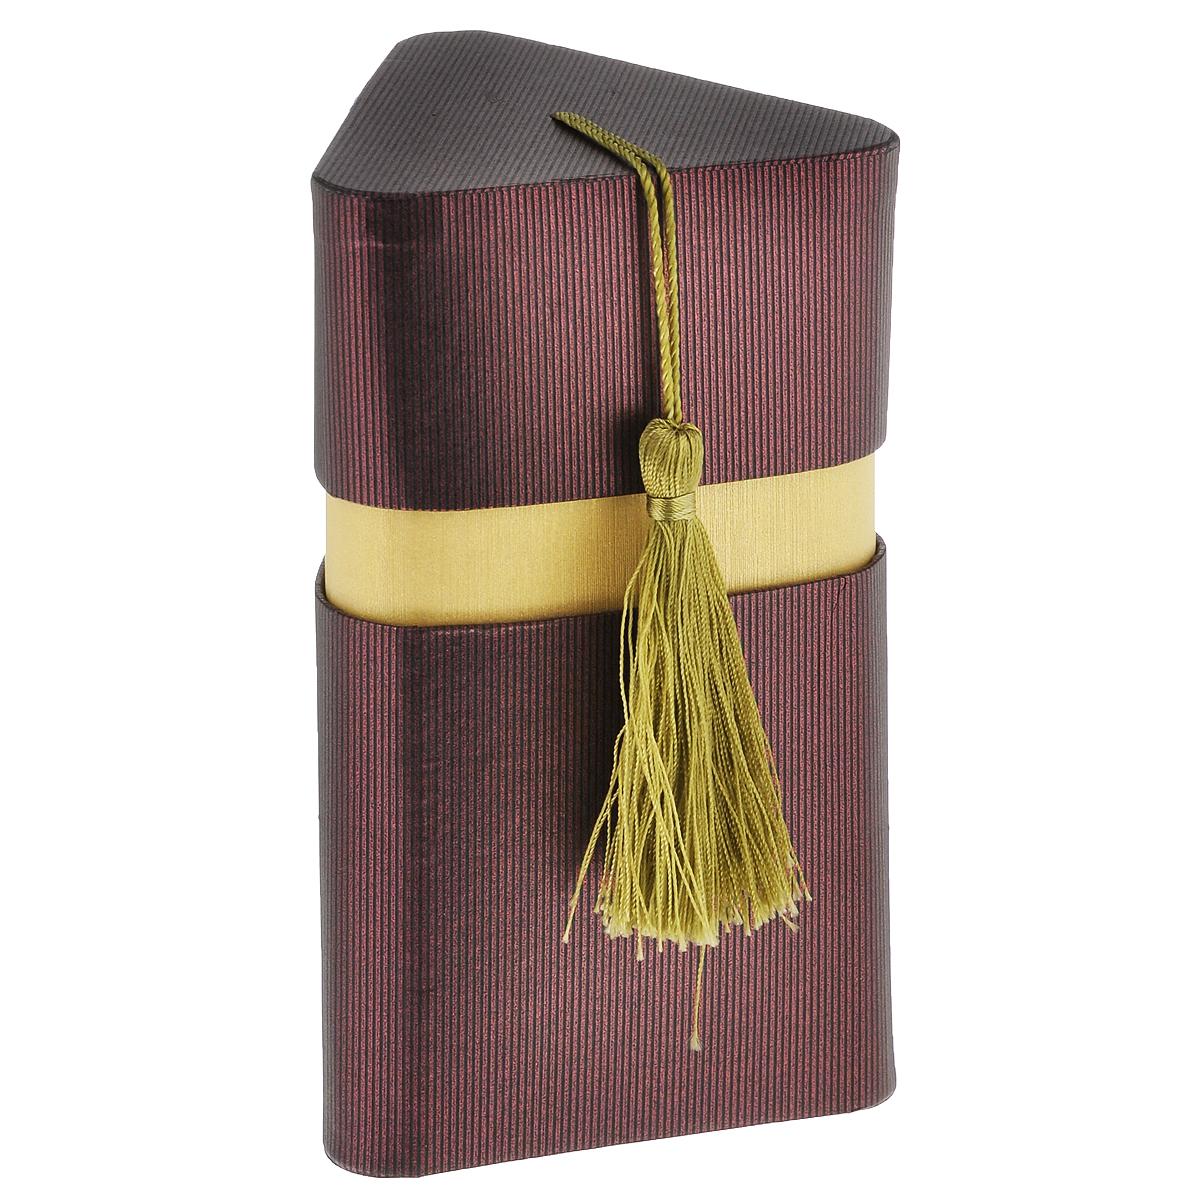 Коробка подарочная Три грани, 10 х 9 х 16 см4610009210506Подарочная коробка Три грани изготовлена из плотного картона, изделие имеет необычную форму, крышка декорирована текстильной кисточкой. Прекрасно подходит в качестве подарочной упаковки для мелких предметов. Красивый дизайн привлекает внимание, кроме того, он универсальный, поэтому коробка подойдет в качестве подарочной упаковки как для женщин, так и для мужчин. Подарок, преподнесенный в оригинальной упаковке, всегда будет самым эффектным и запоминающимся. Окружите близких людей вниманием и заботой, вручив презент в нарядном, праздничном оформлении.